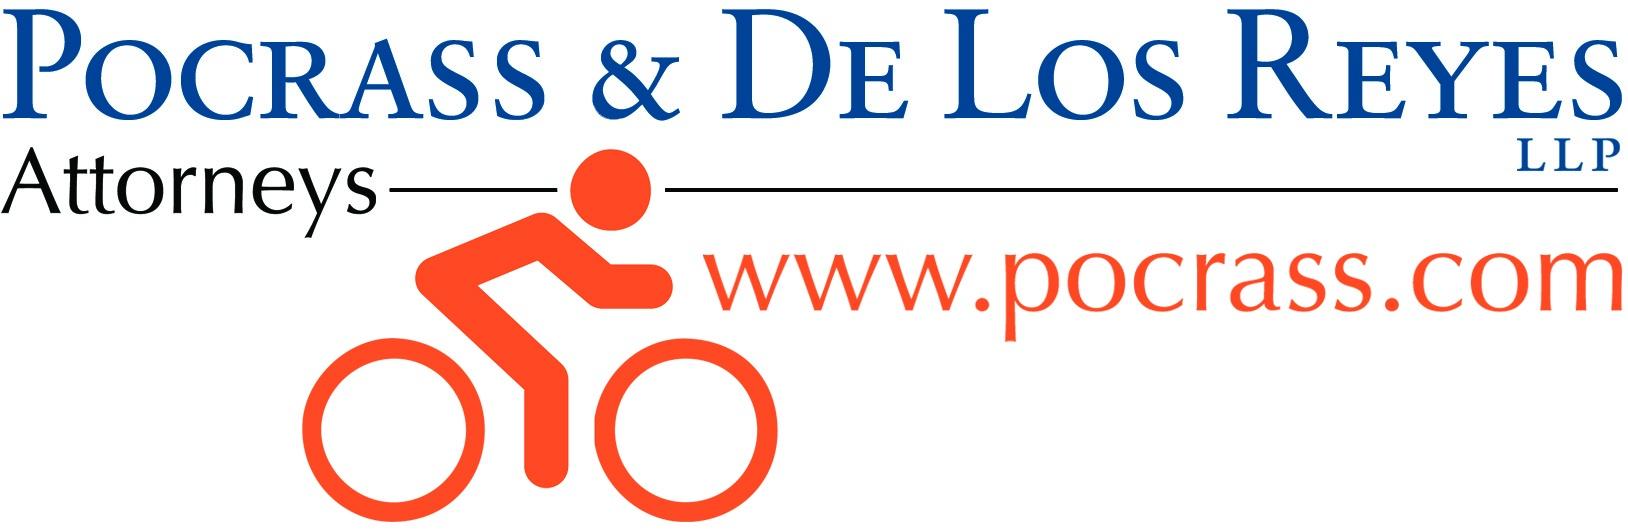 Pocrass_Logo.jpg